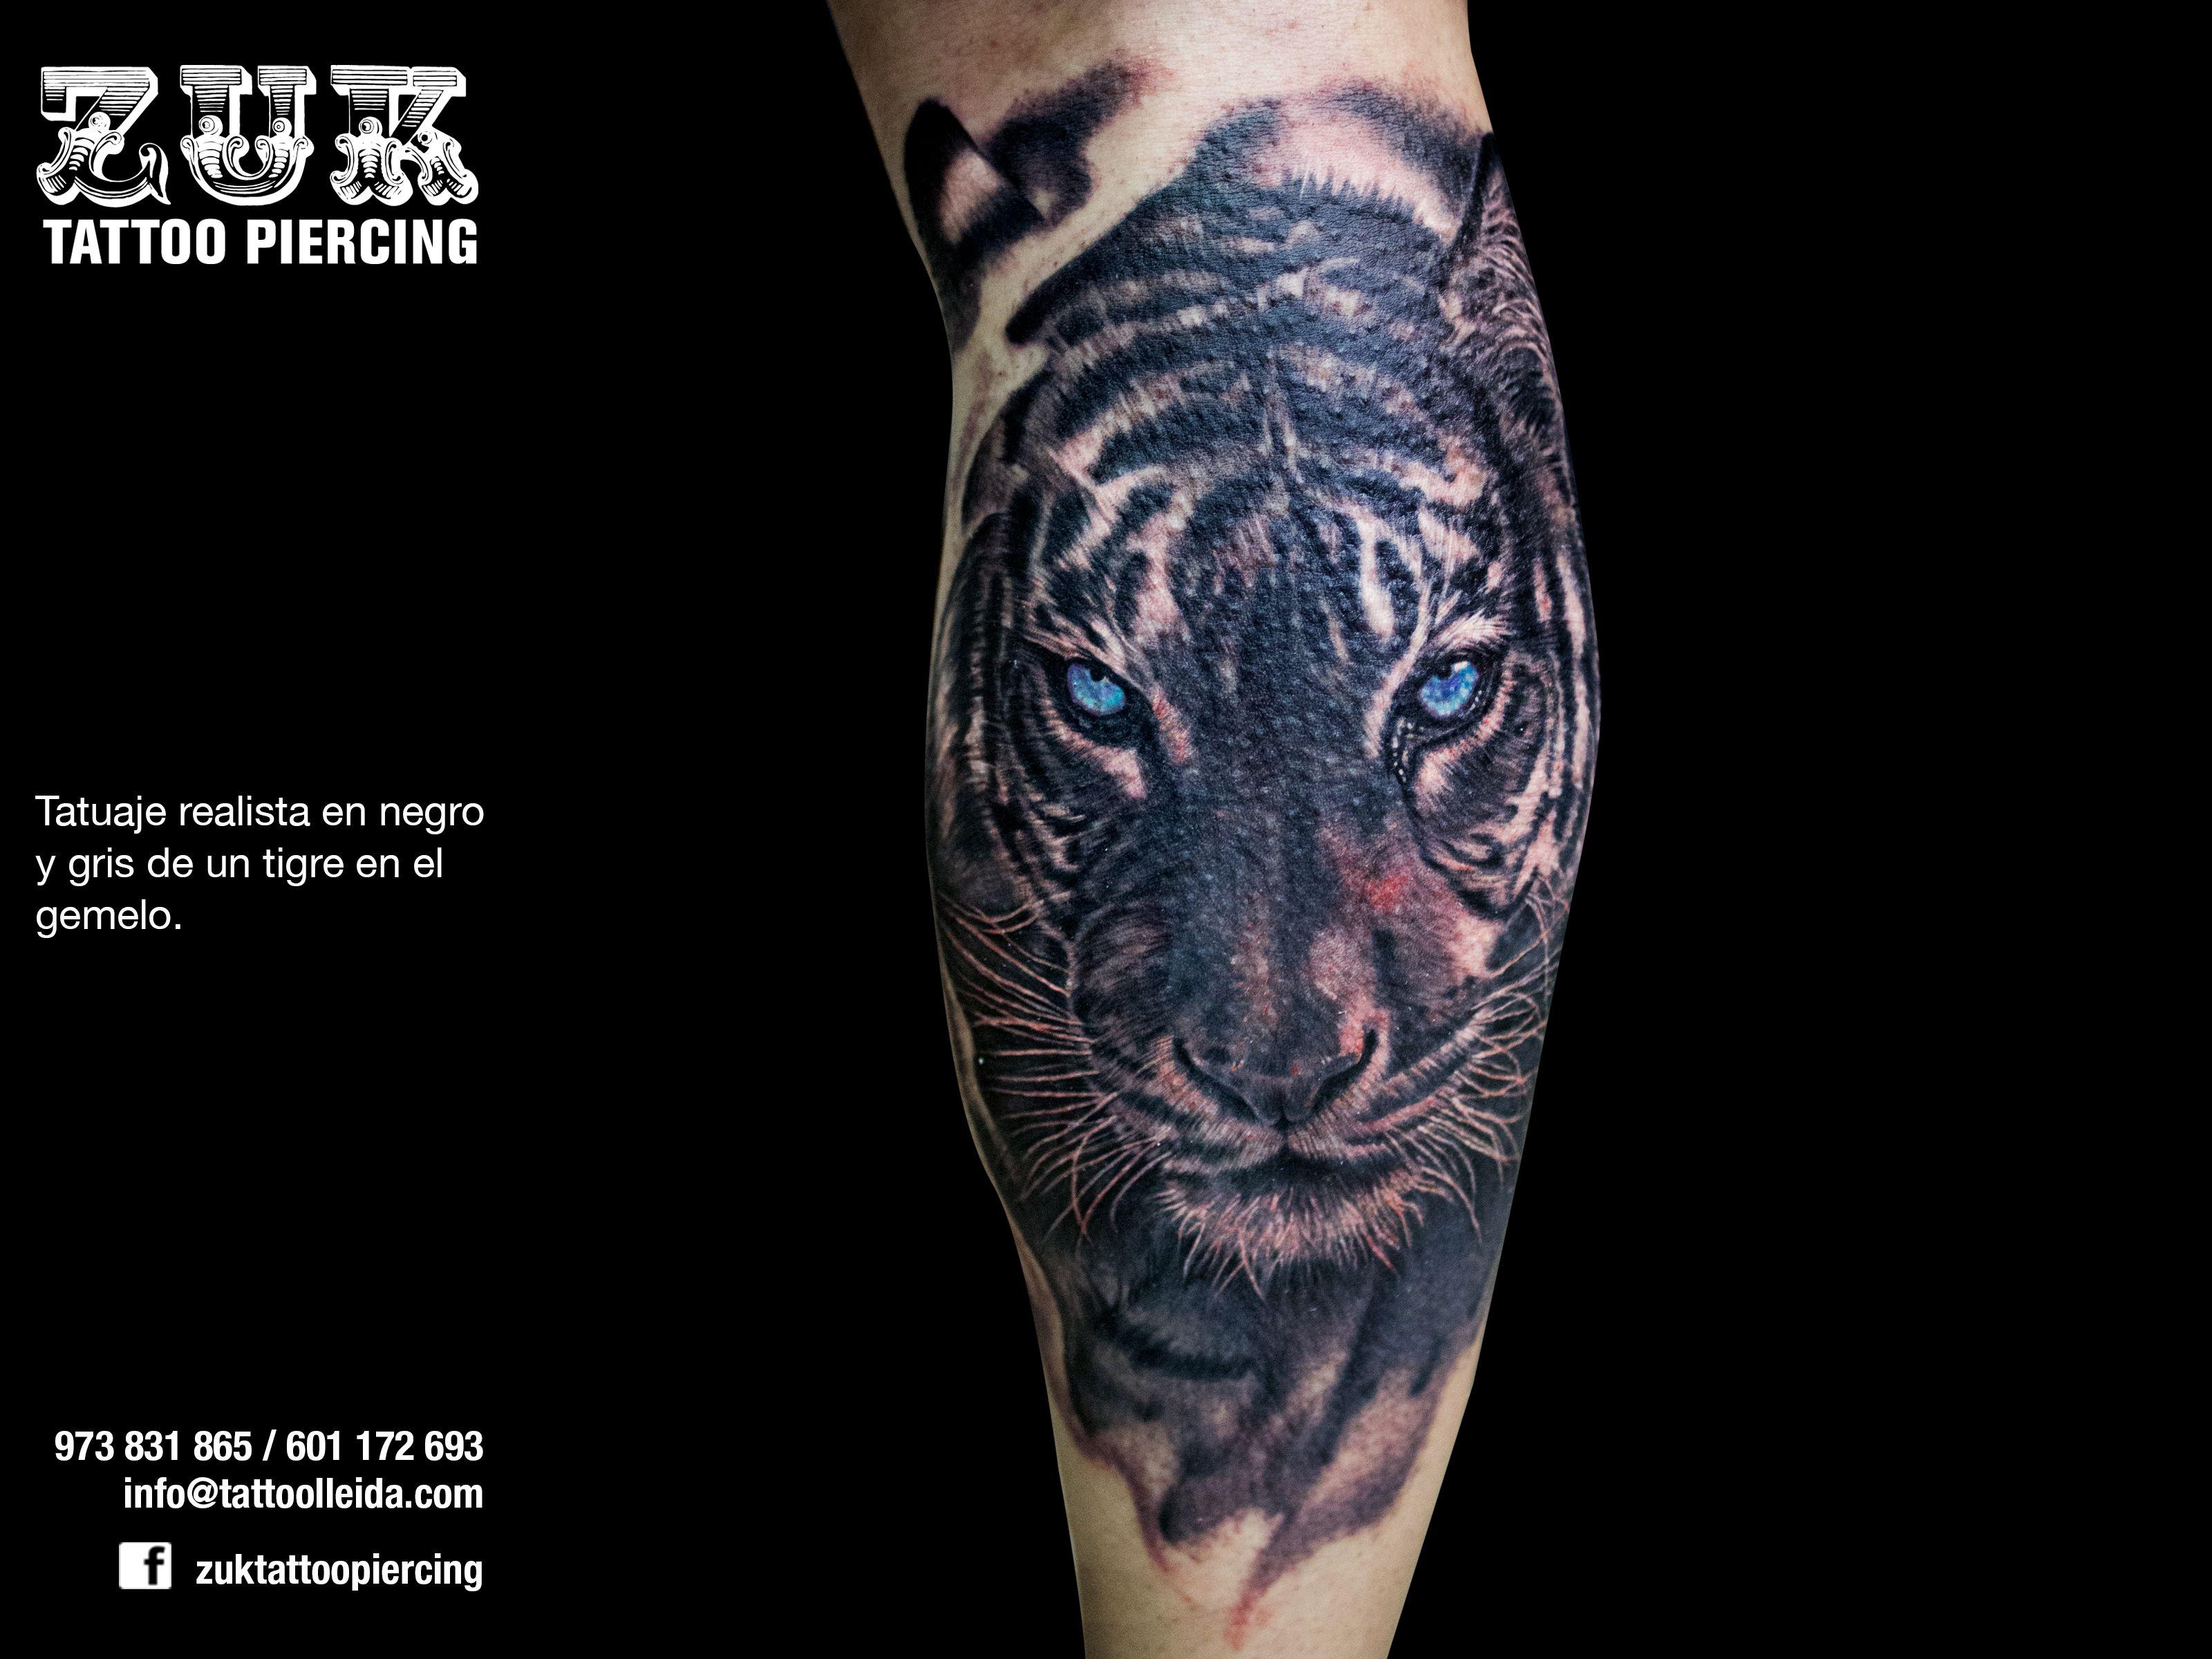 Tatuaje Realista En Negro Y Gris De Un Tigre En El Gemelo Tattoo - Tattoo-gemelos